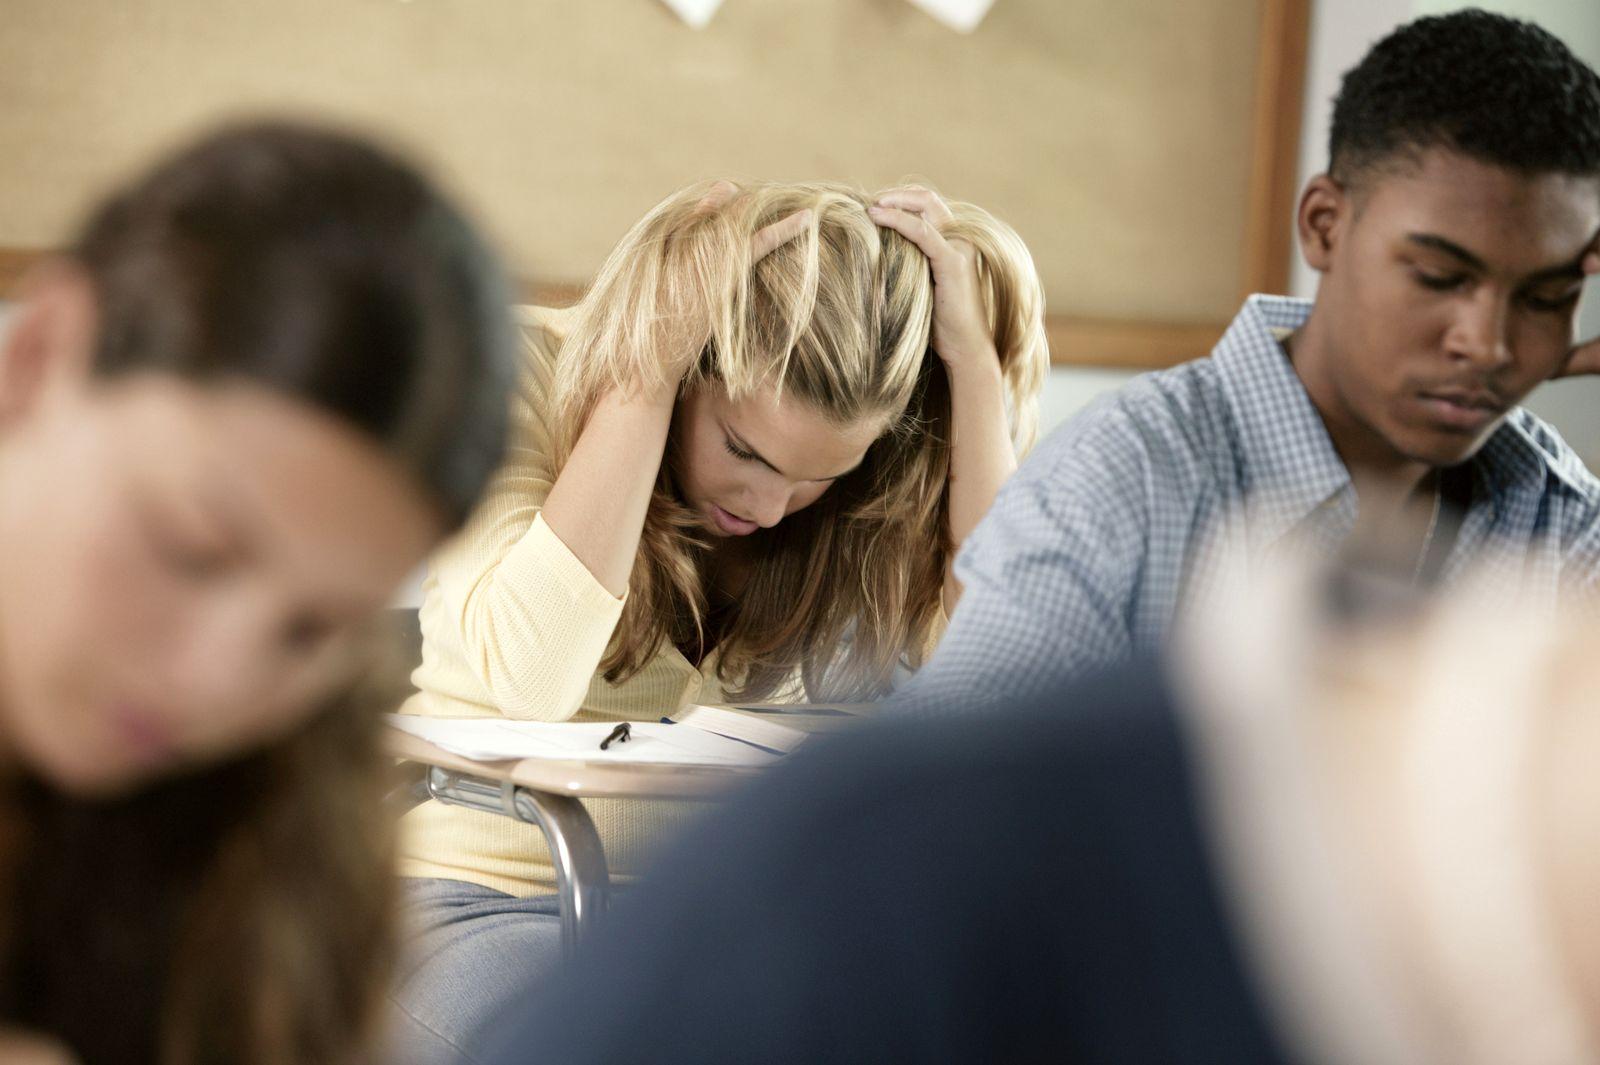 NICHT MEHR VERWENDEN! - Prüfungsangst / Studenten / Prüfung / Angst / Stress